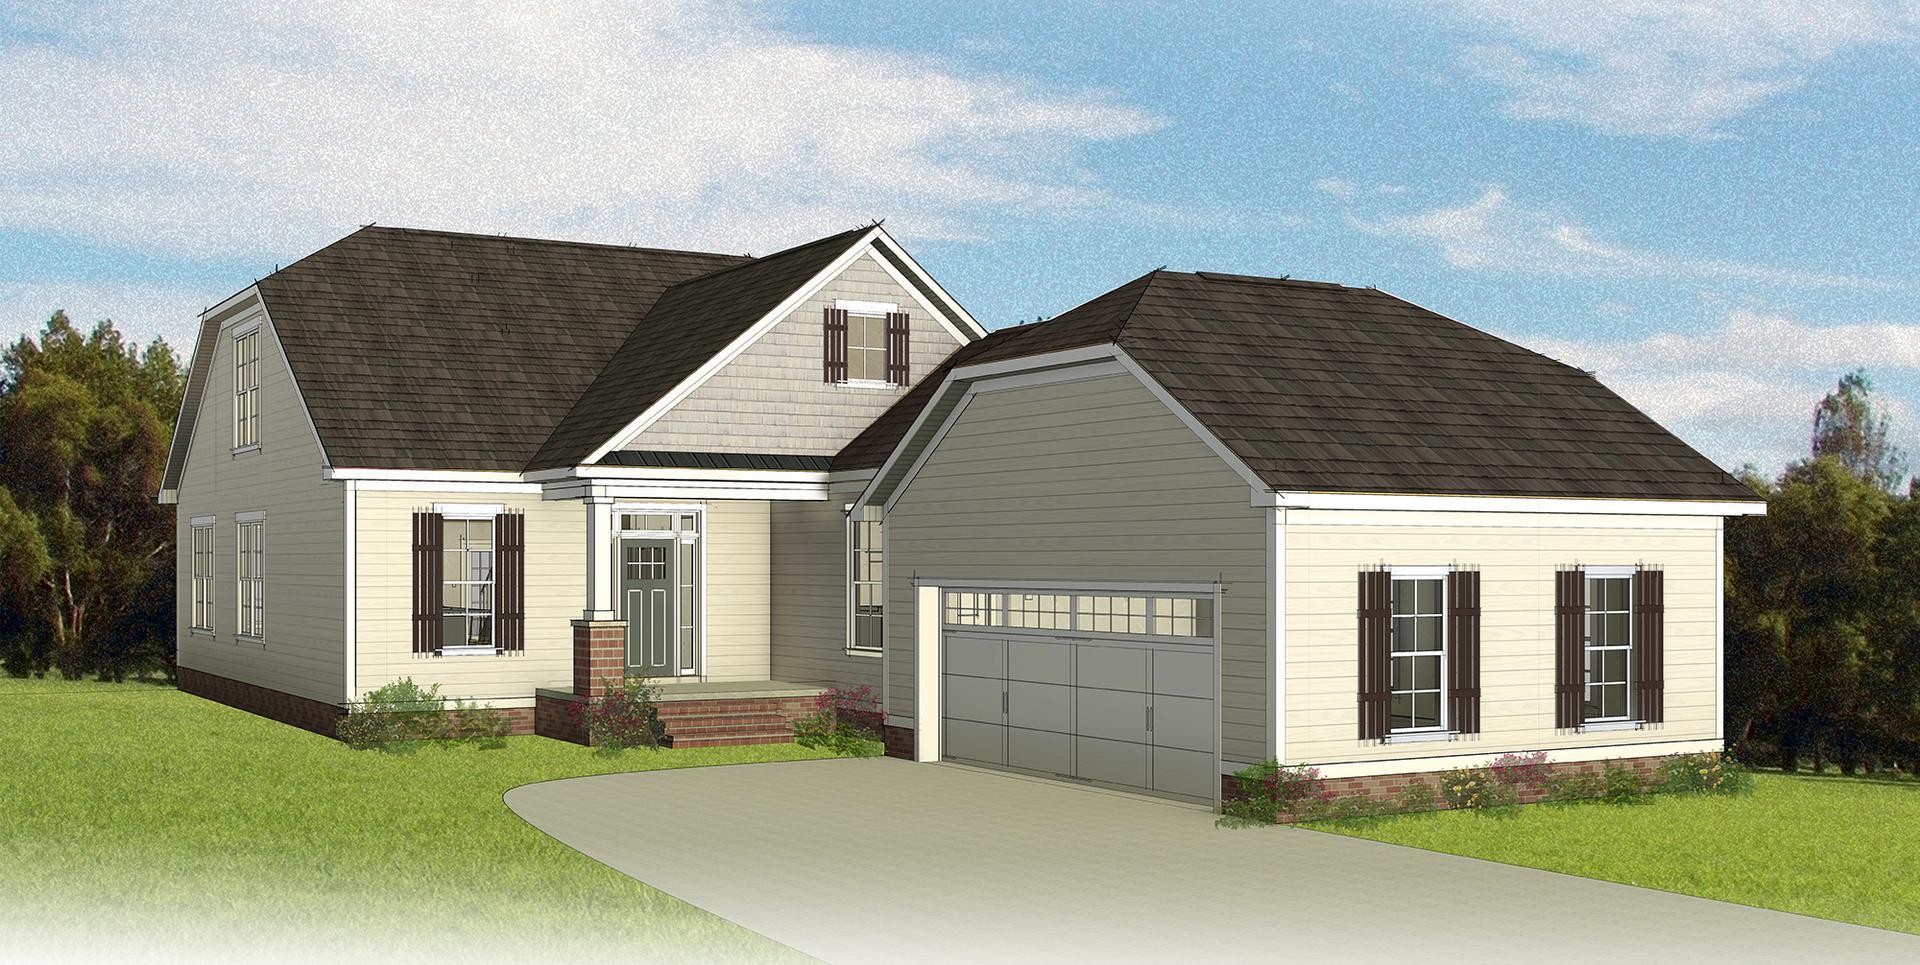 The Acton New Home Floorplan